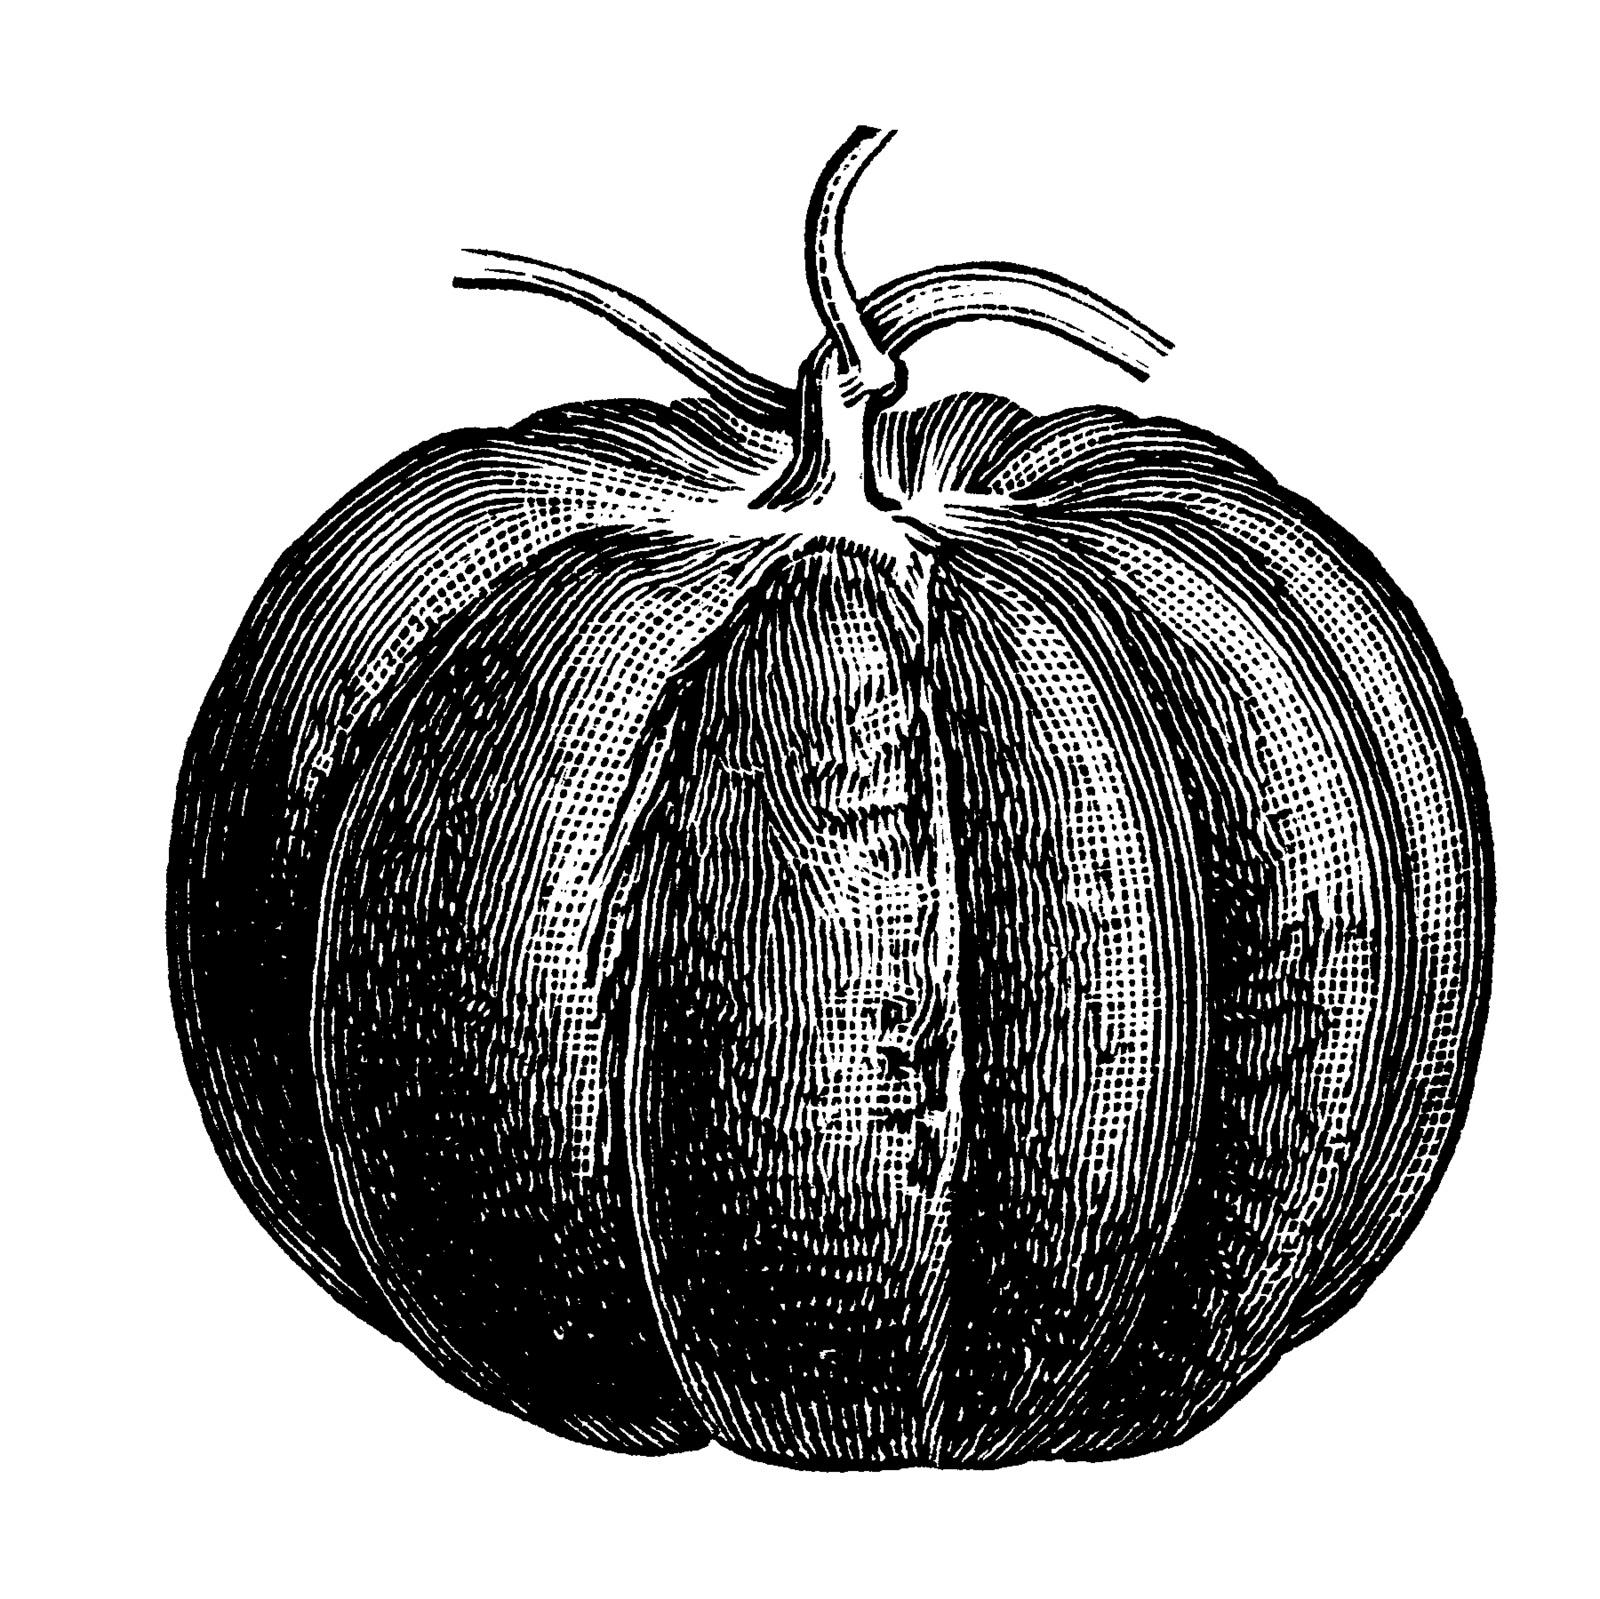 Drawn pumpkin vintage Clipart Vintage Jungle Borders Clipart